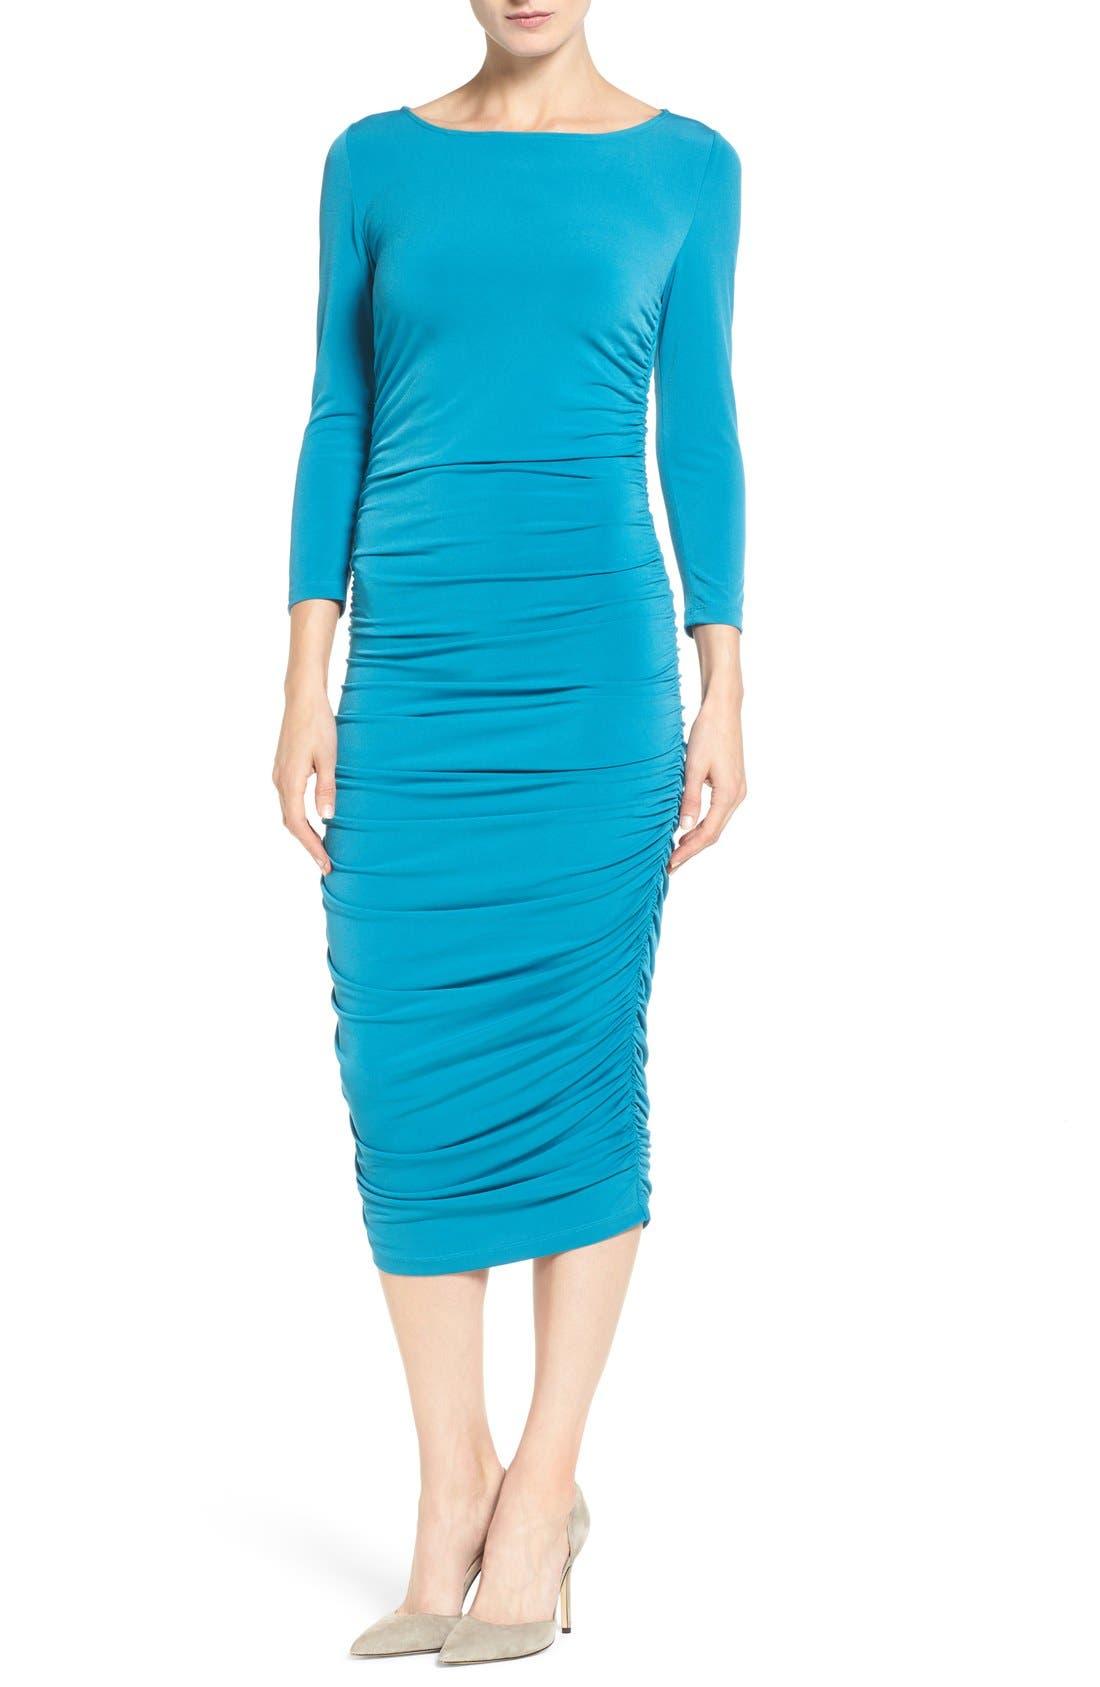 CATHERINE CATHERINE MALANDRINO Lansbury Ruched Sheath Dress